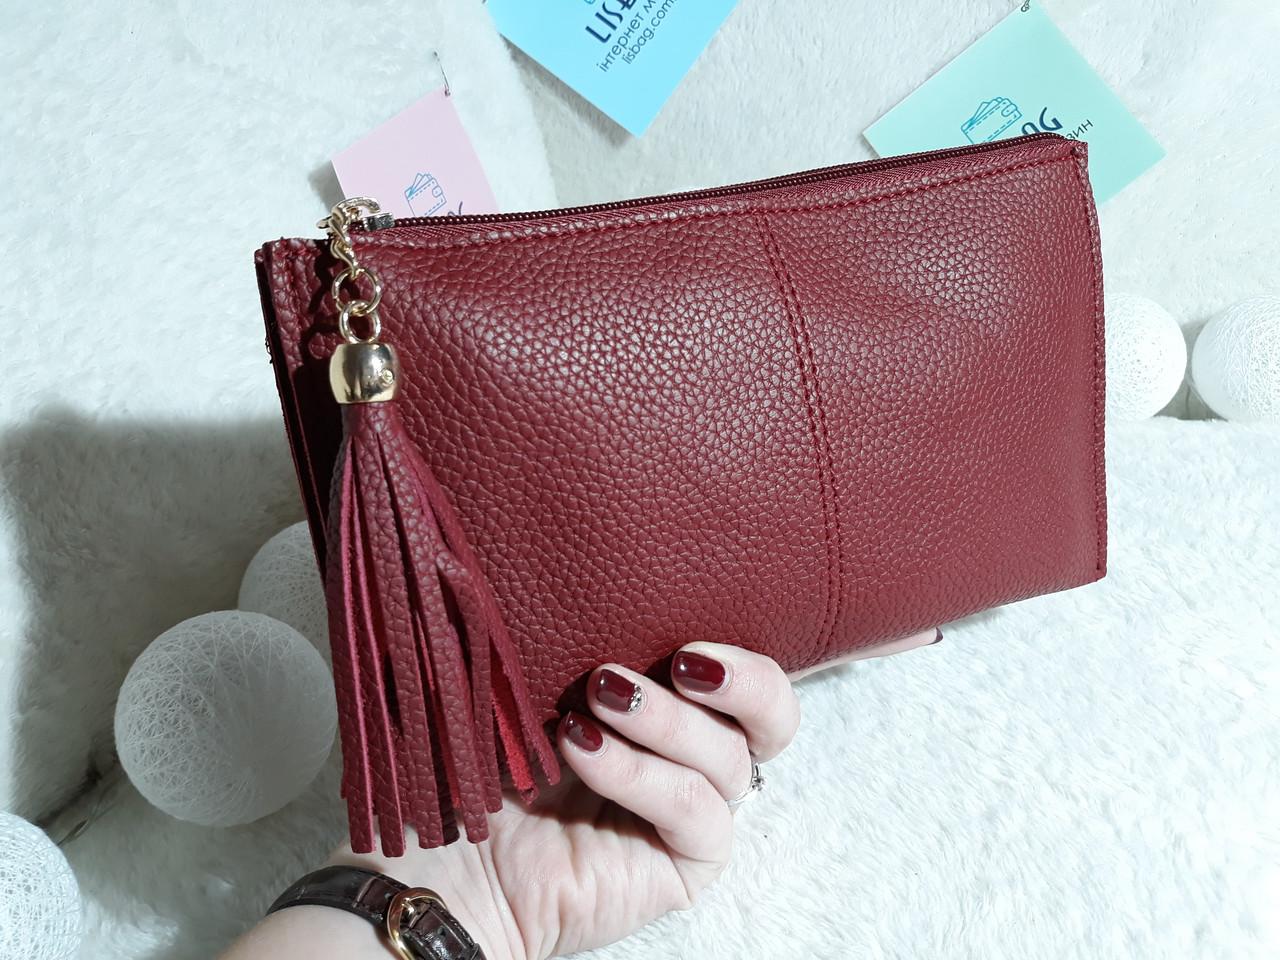 6cdf806a638f Маленькая женская сумка 2в1 (клатч,сумка) бордовая - Интернет магазин  Lisbag в Умани